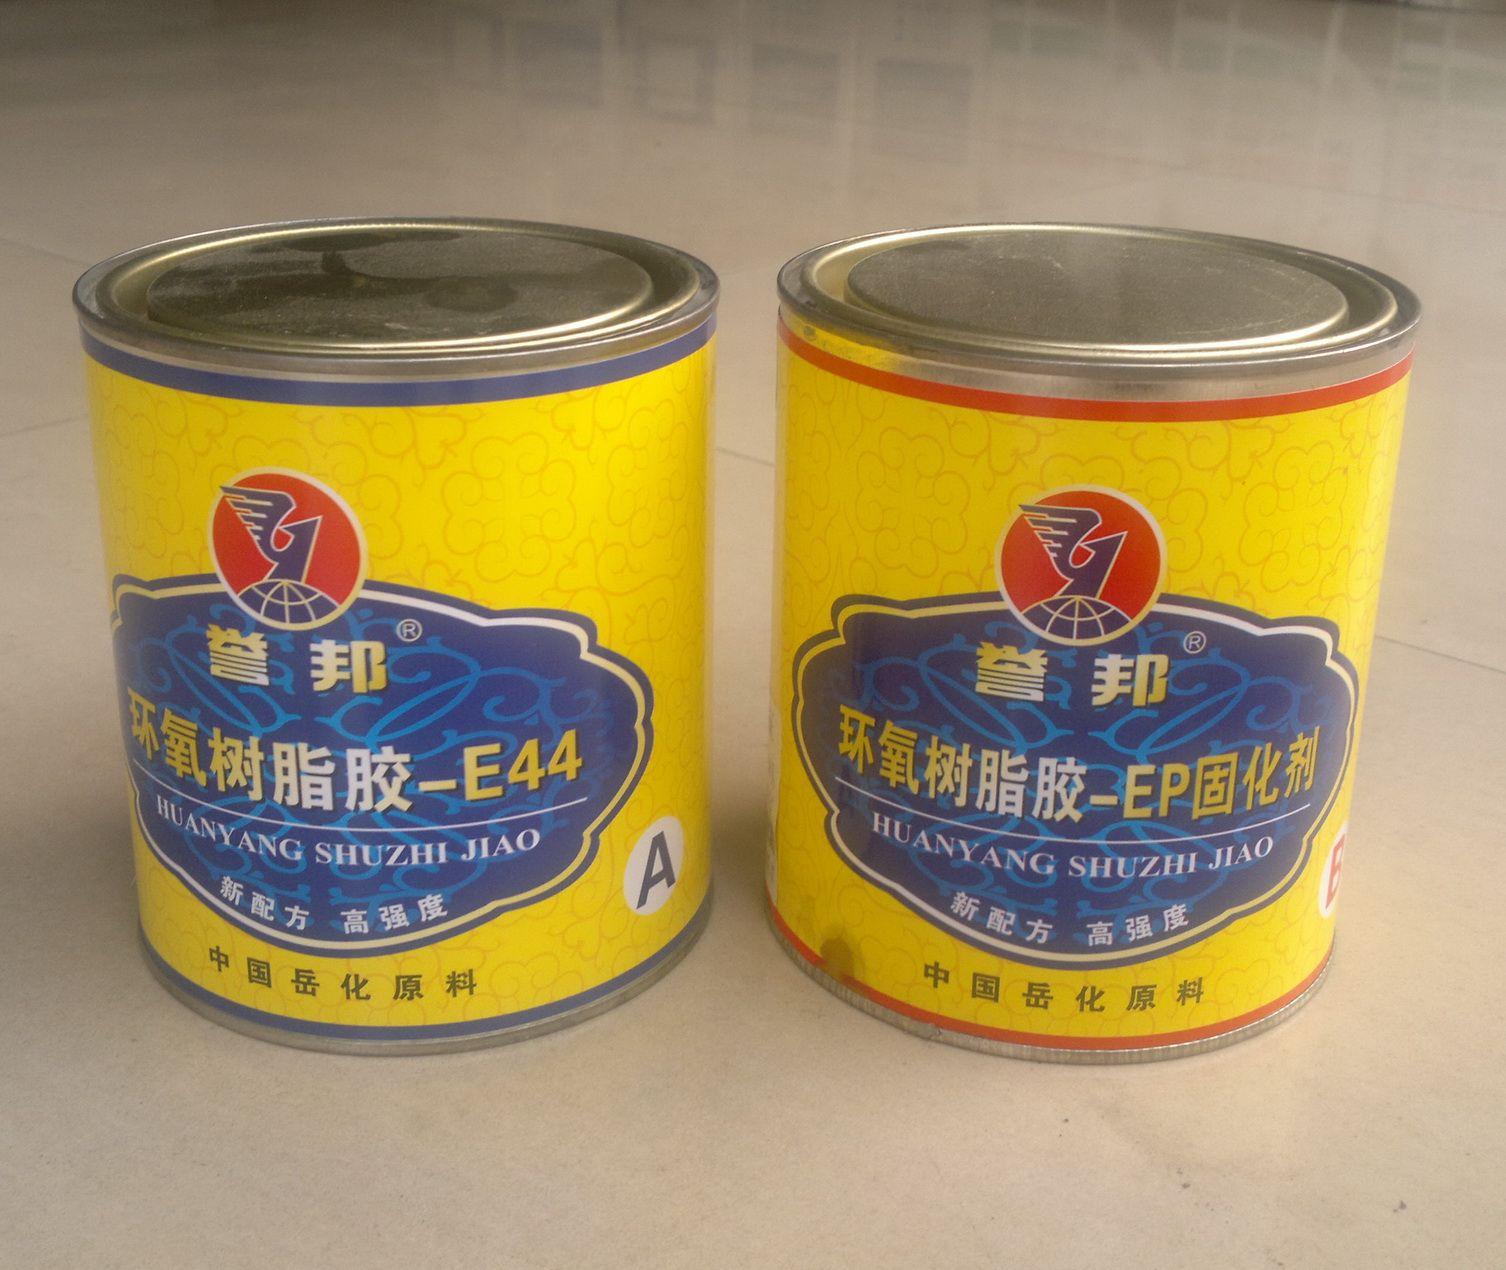 誉邦E-44环氧树脂胶